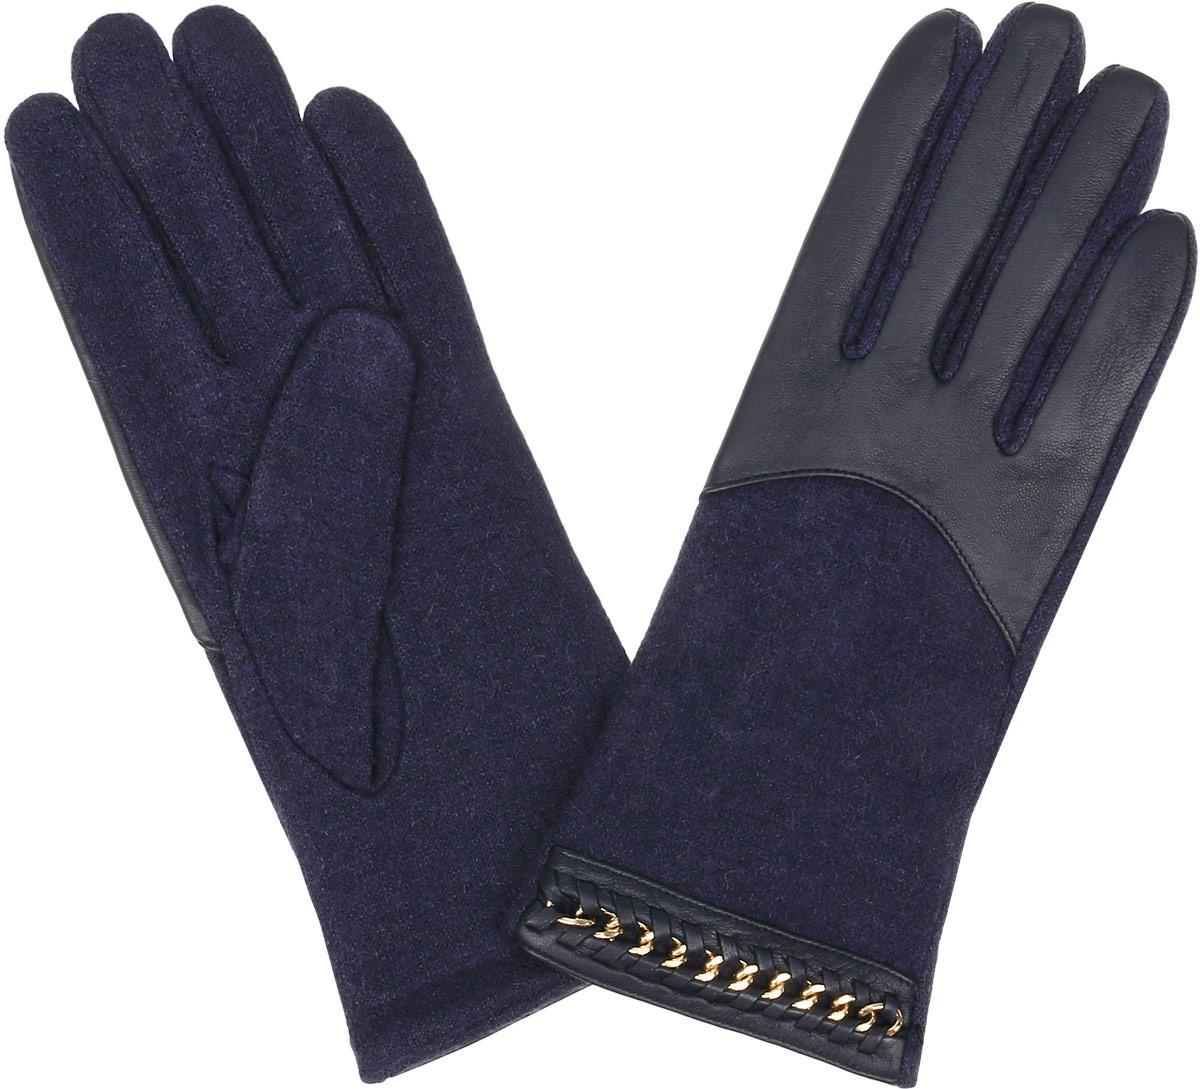 Перчатки женские Fabretti, цвет: фиолетовый, темно-синий. 41093. Размер S (6/6,5)3.7-12 navyЖенские перчатки Fabretti Touch Screen не только защитят ваши руки от холода, но и станут незаменимым аксессуаром. Модель изготовлена из натуральной кожи и высококачественной шерсти. Современные технологии обработки кожи позволяют работать с любыми сенсорными дисплеями, не снимая перчатки. Модель оформлена оригинальным дизайном. Перчатки Fabretti станут завершающим и подчеркивающим элементом вашего стиля.